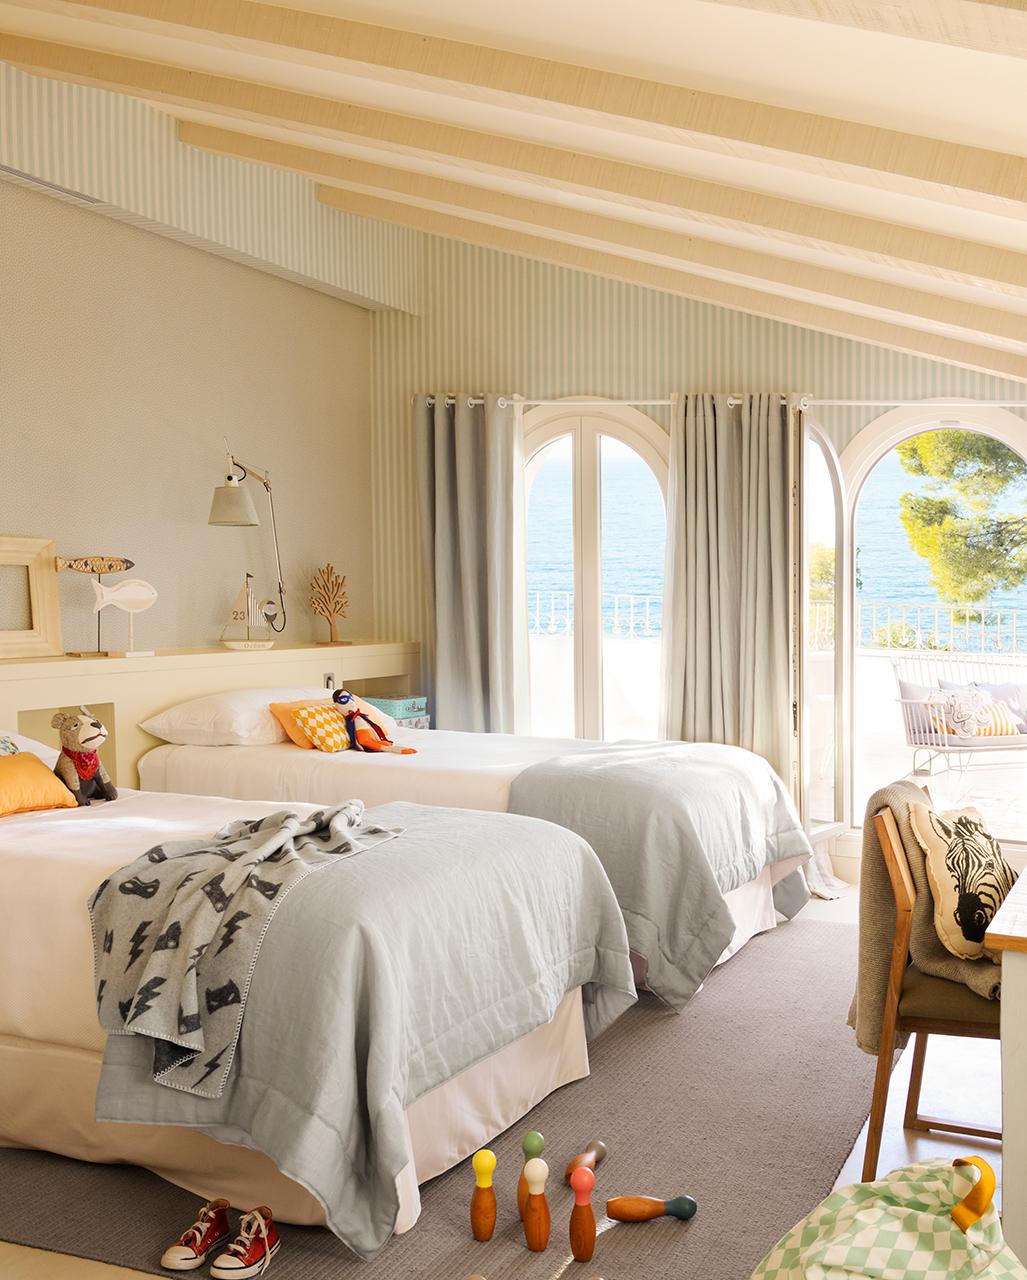 Una preciosa casa junto al mar con siete siglos de historia - Cuca arraut ...